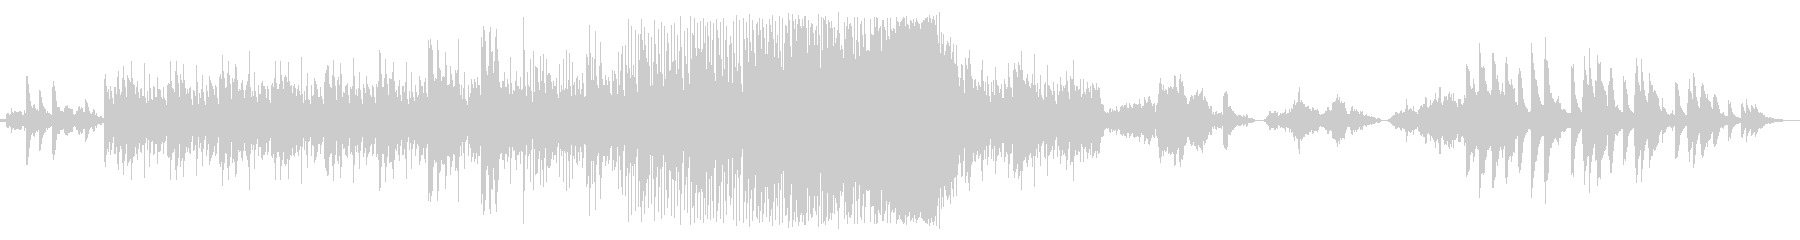 ピアノとエレクトリックの夜空の音楽の未再生の波形